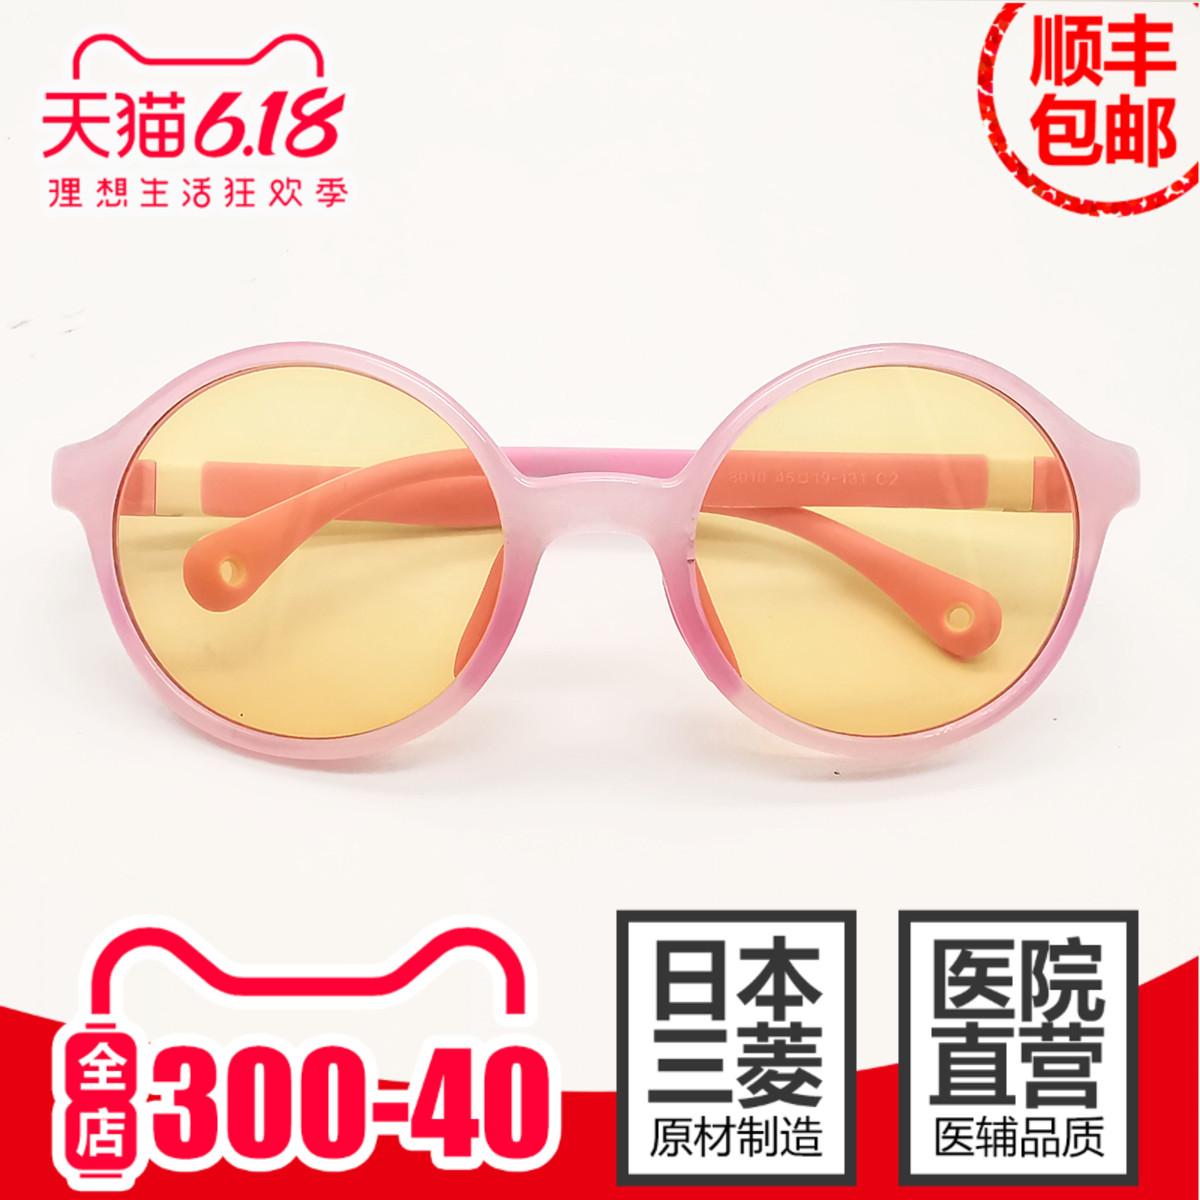 日本进口三菱镜片原材儿童防蓝光眼镜抗紫外辐射小孩超轻护目近视